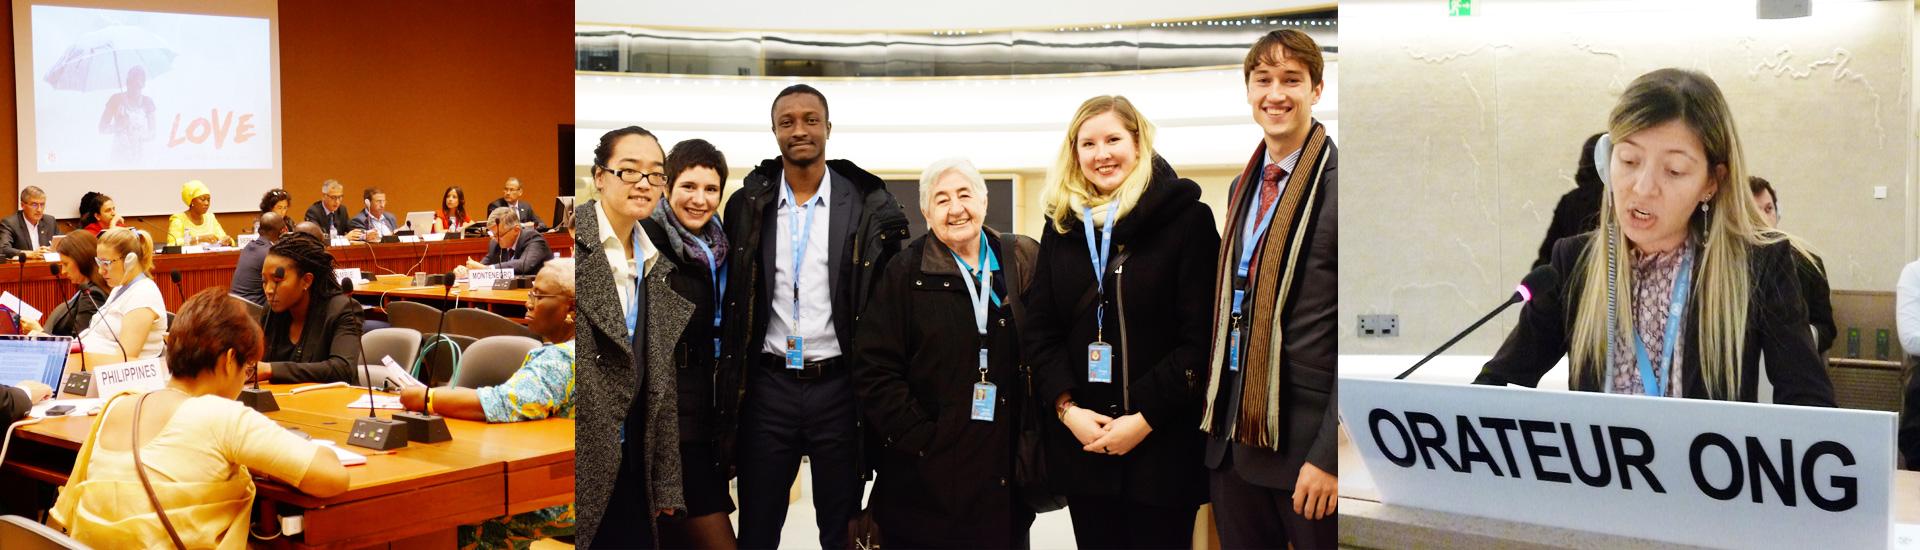 La gran labor salesiana en la ONU (Ginebra)